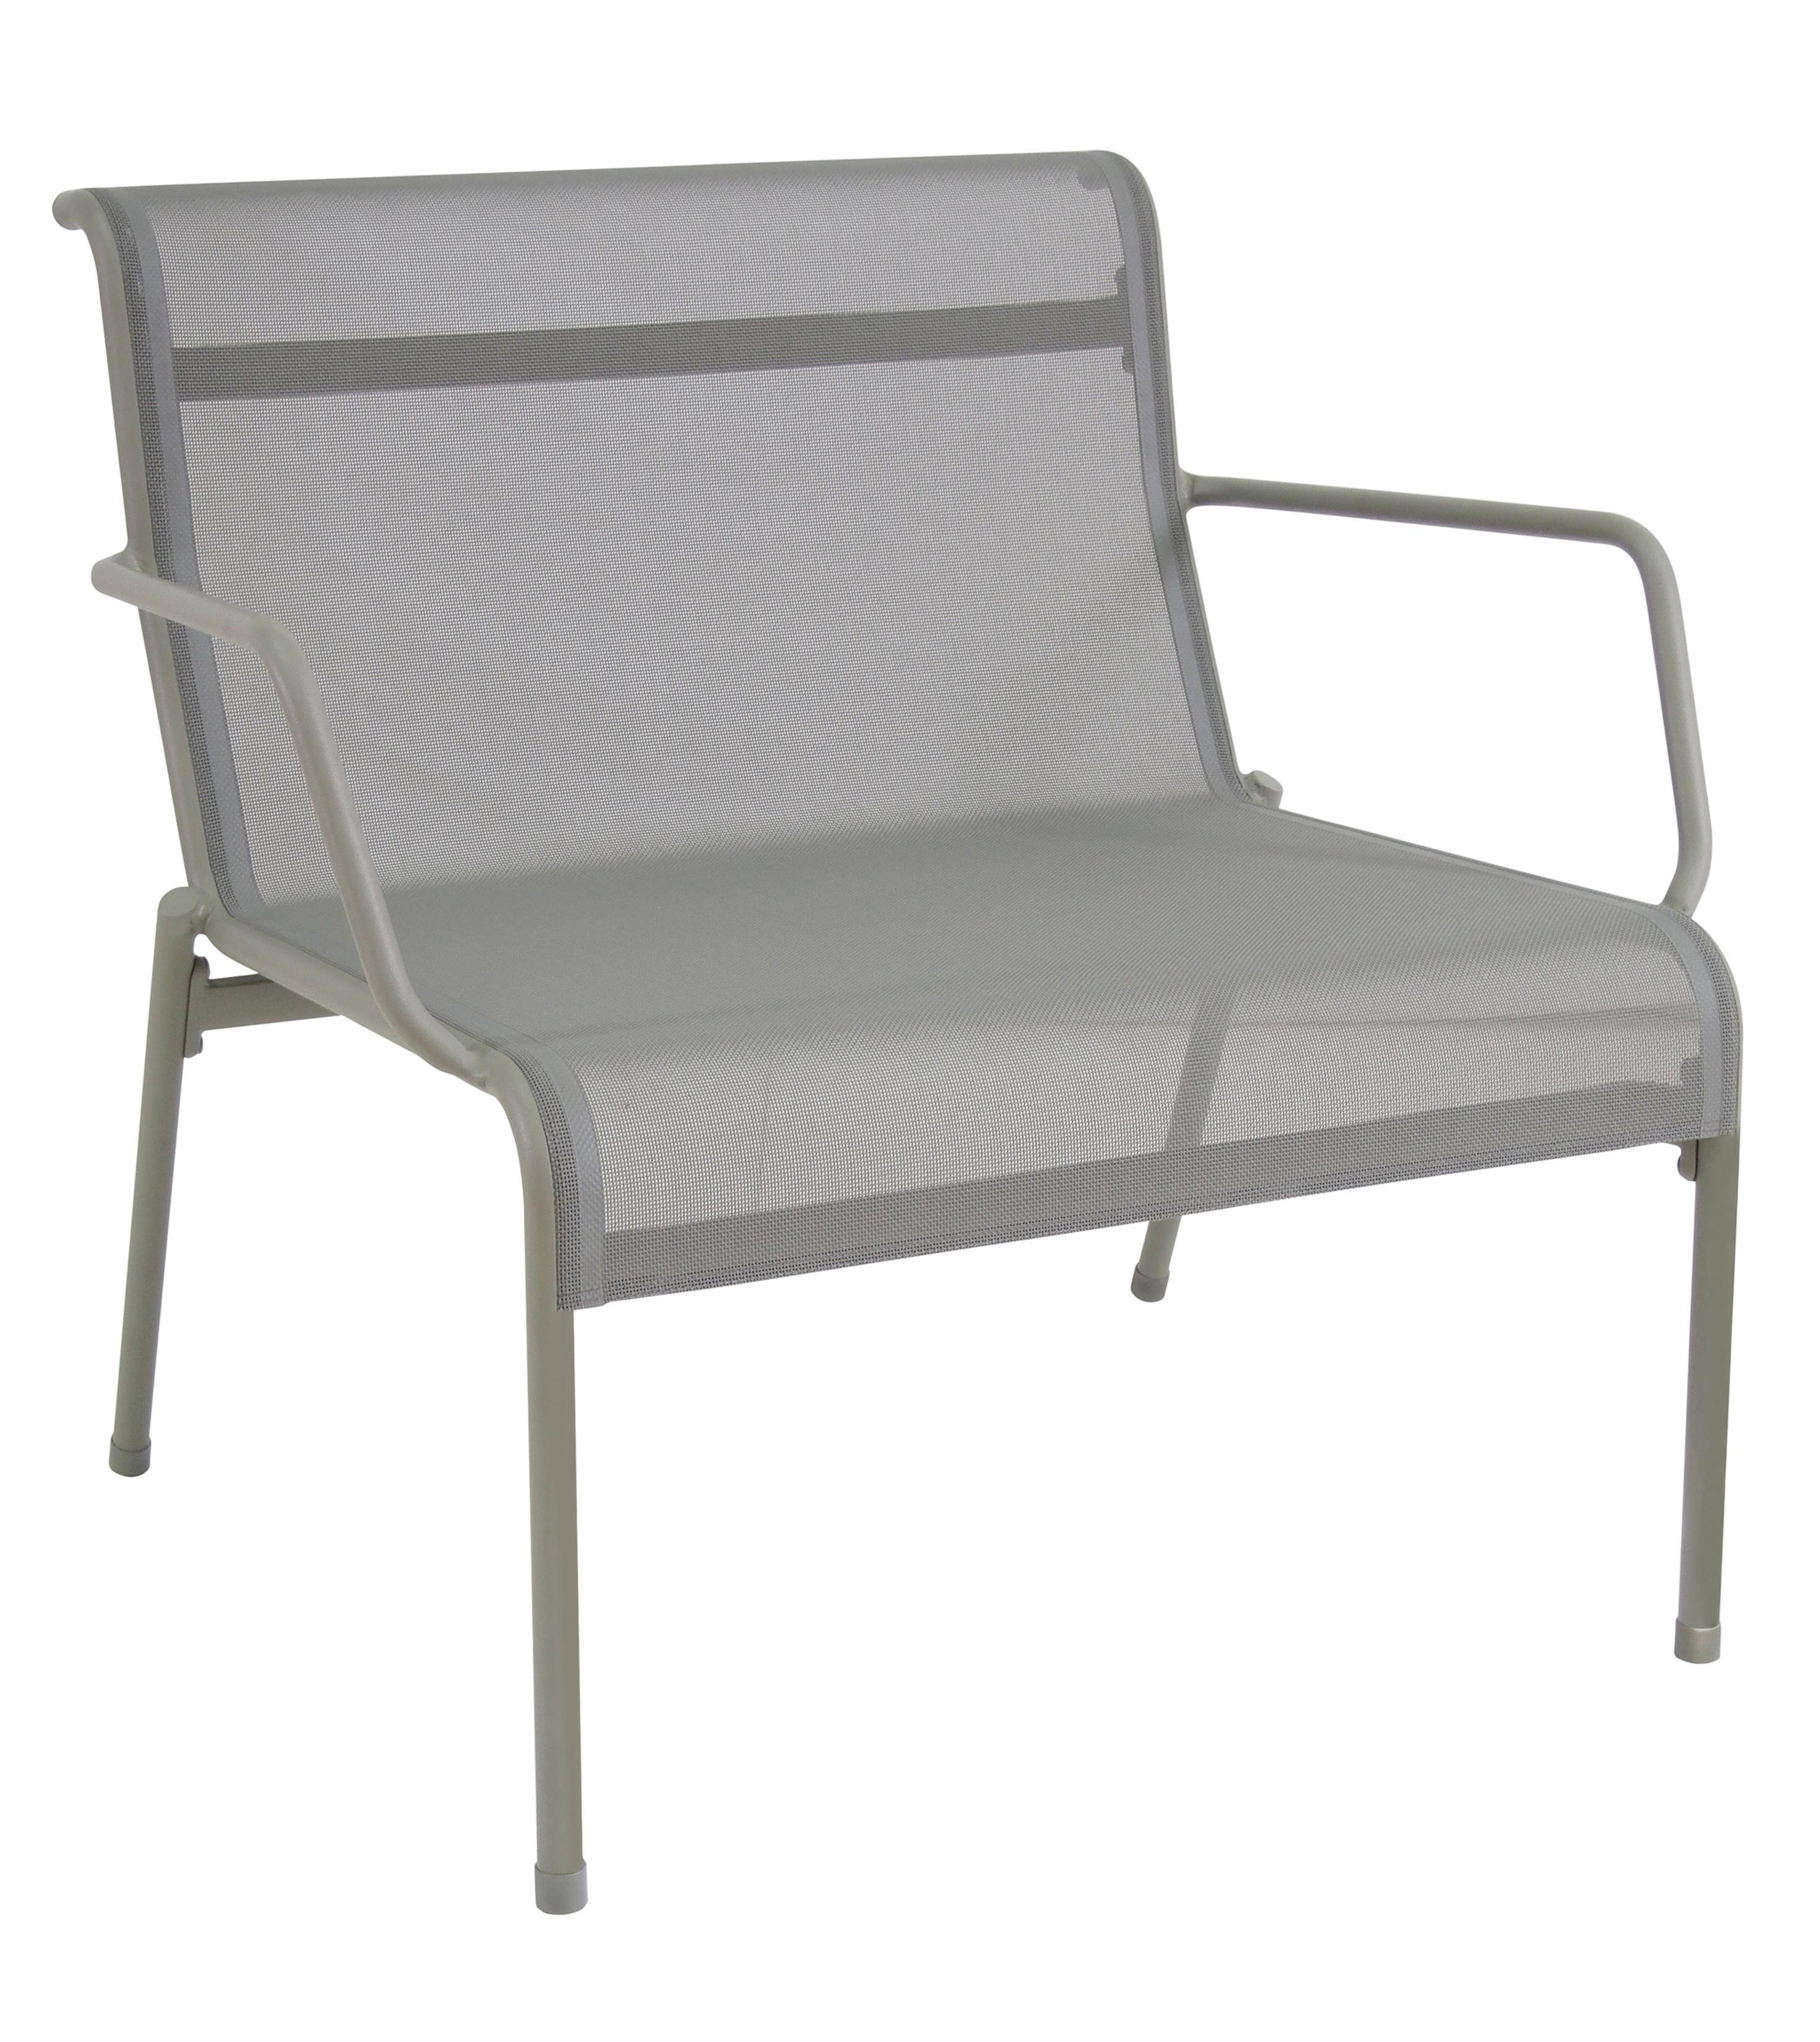 kira mit outdoor bespannung emu lounge sessel. Black Bedroom Furniture Sets. Home Design Ideas